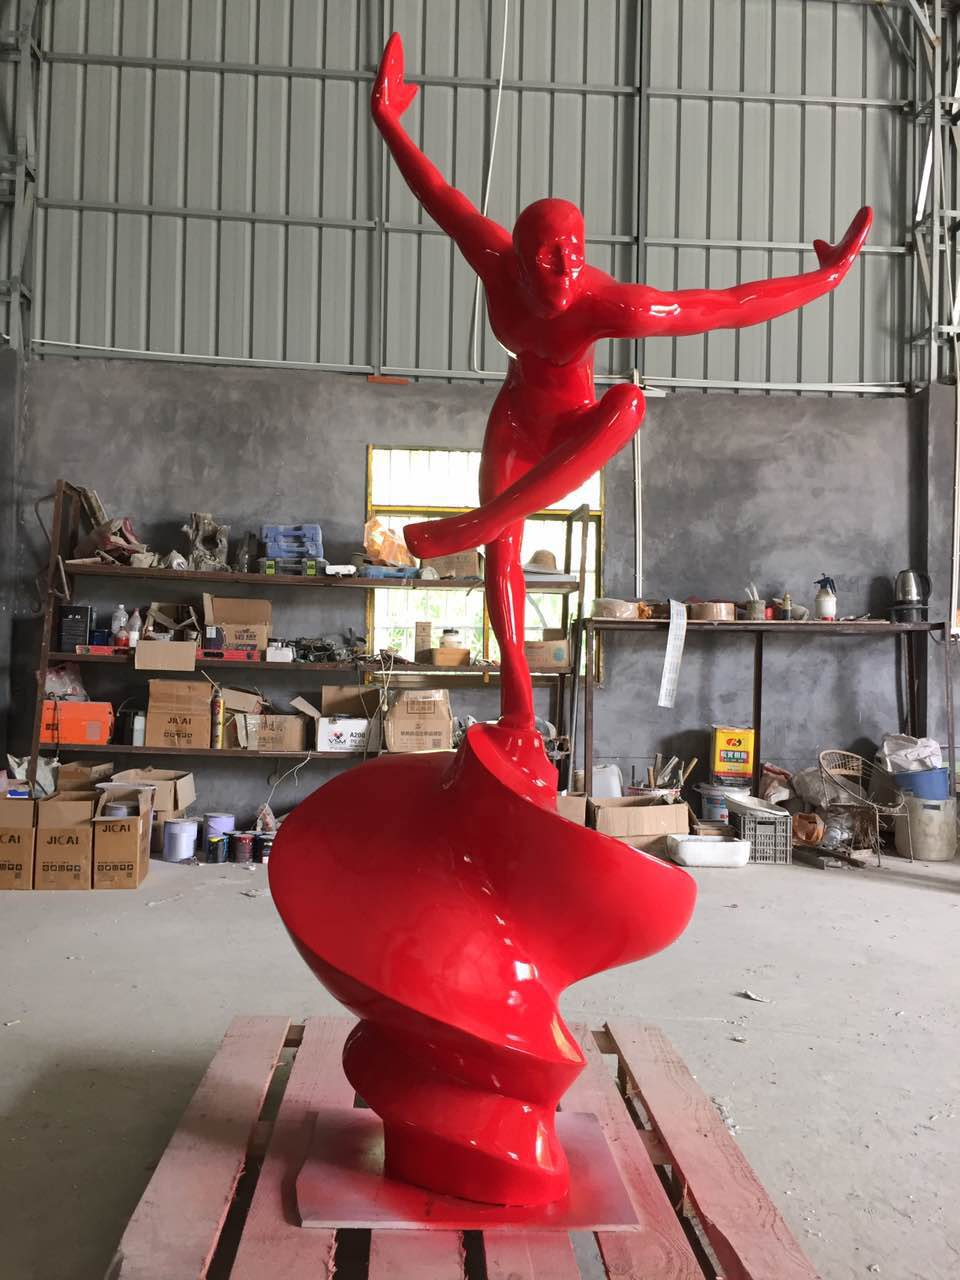 玻璃钢雕塑|玻璃钢雕塑-福建省厦门市笃爱雕塑有限公司